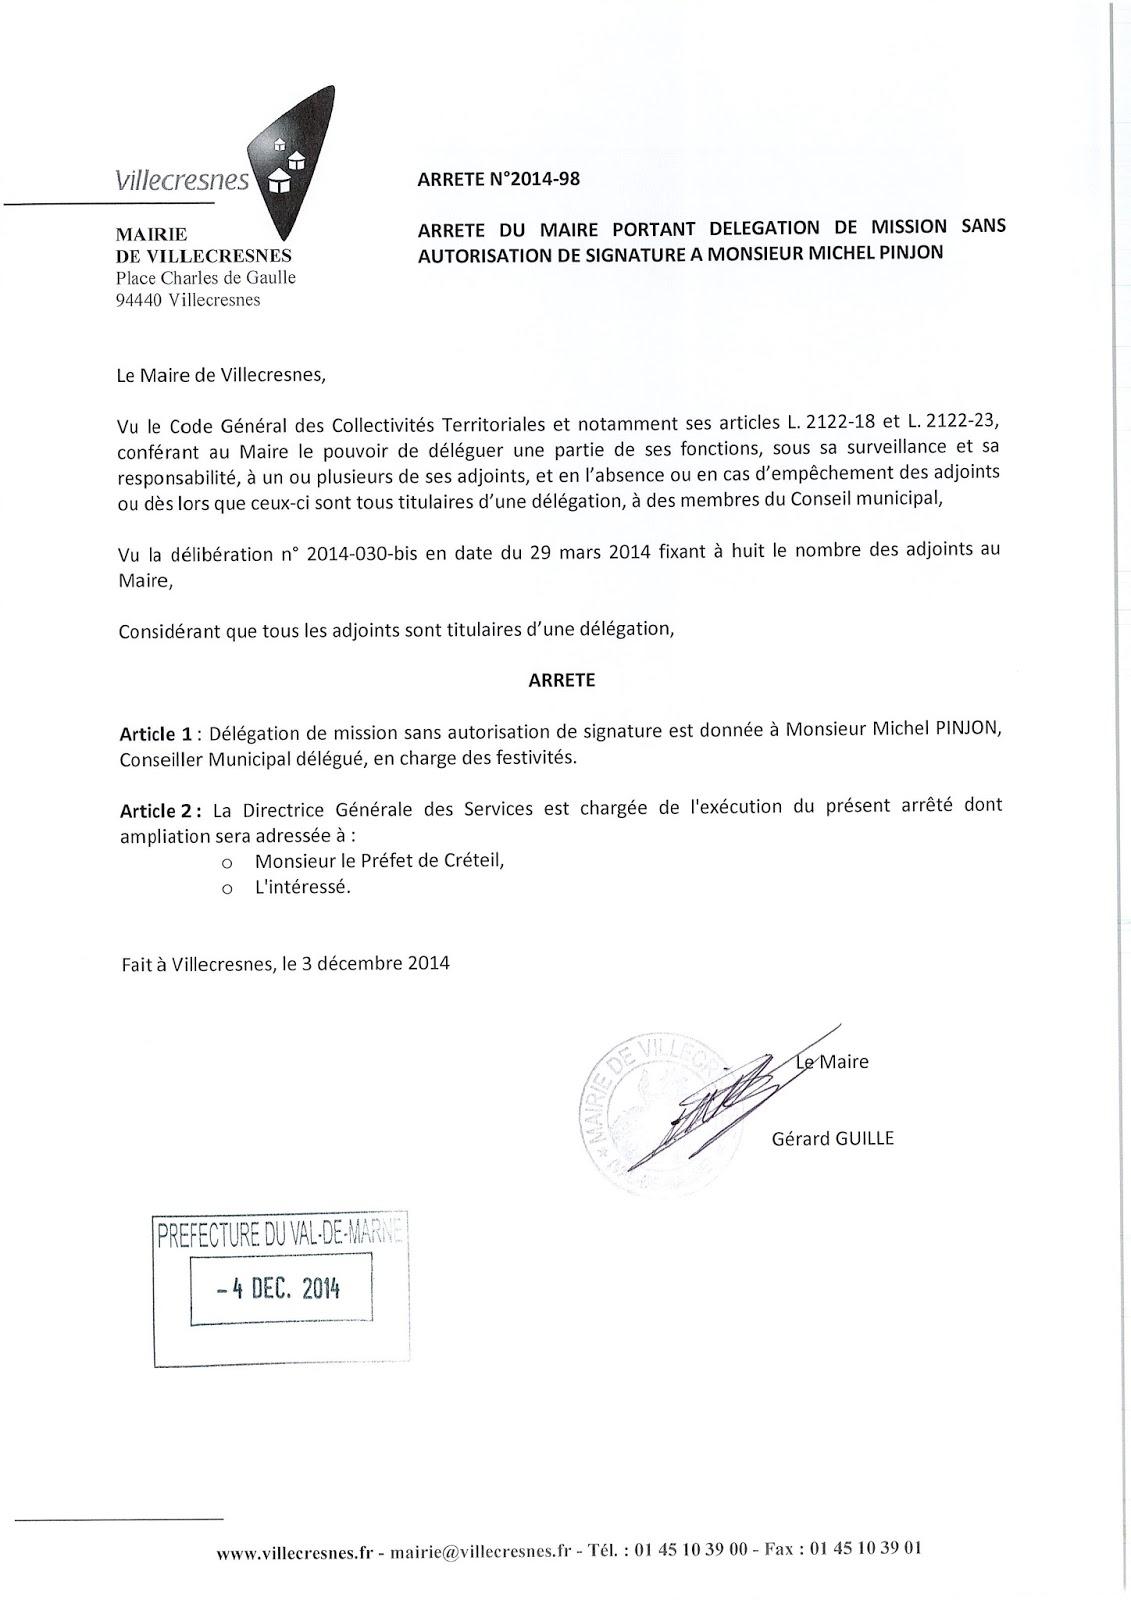 2014-098 Délégation de fonction mission sans autorisation de signature à Monsieur Michel Pijon